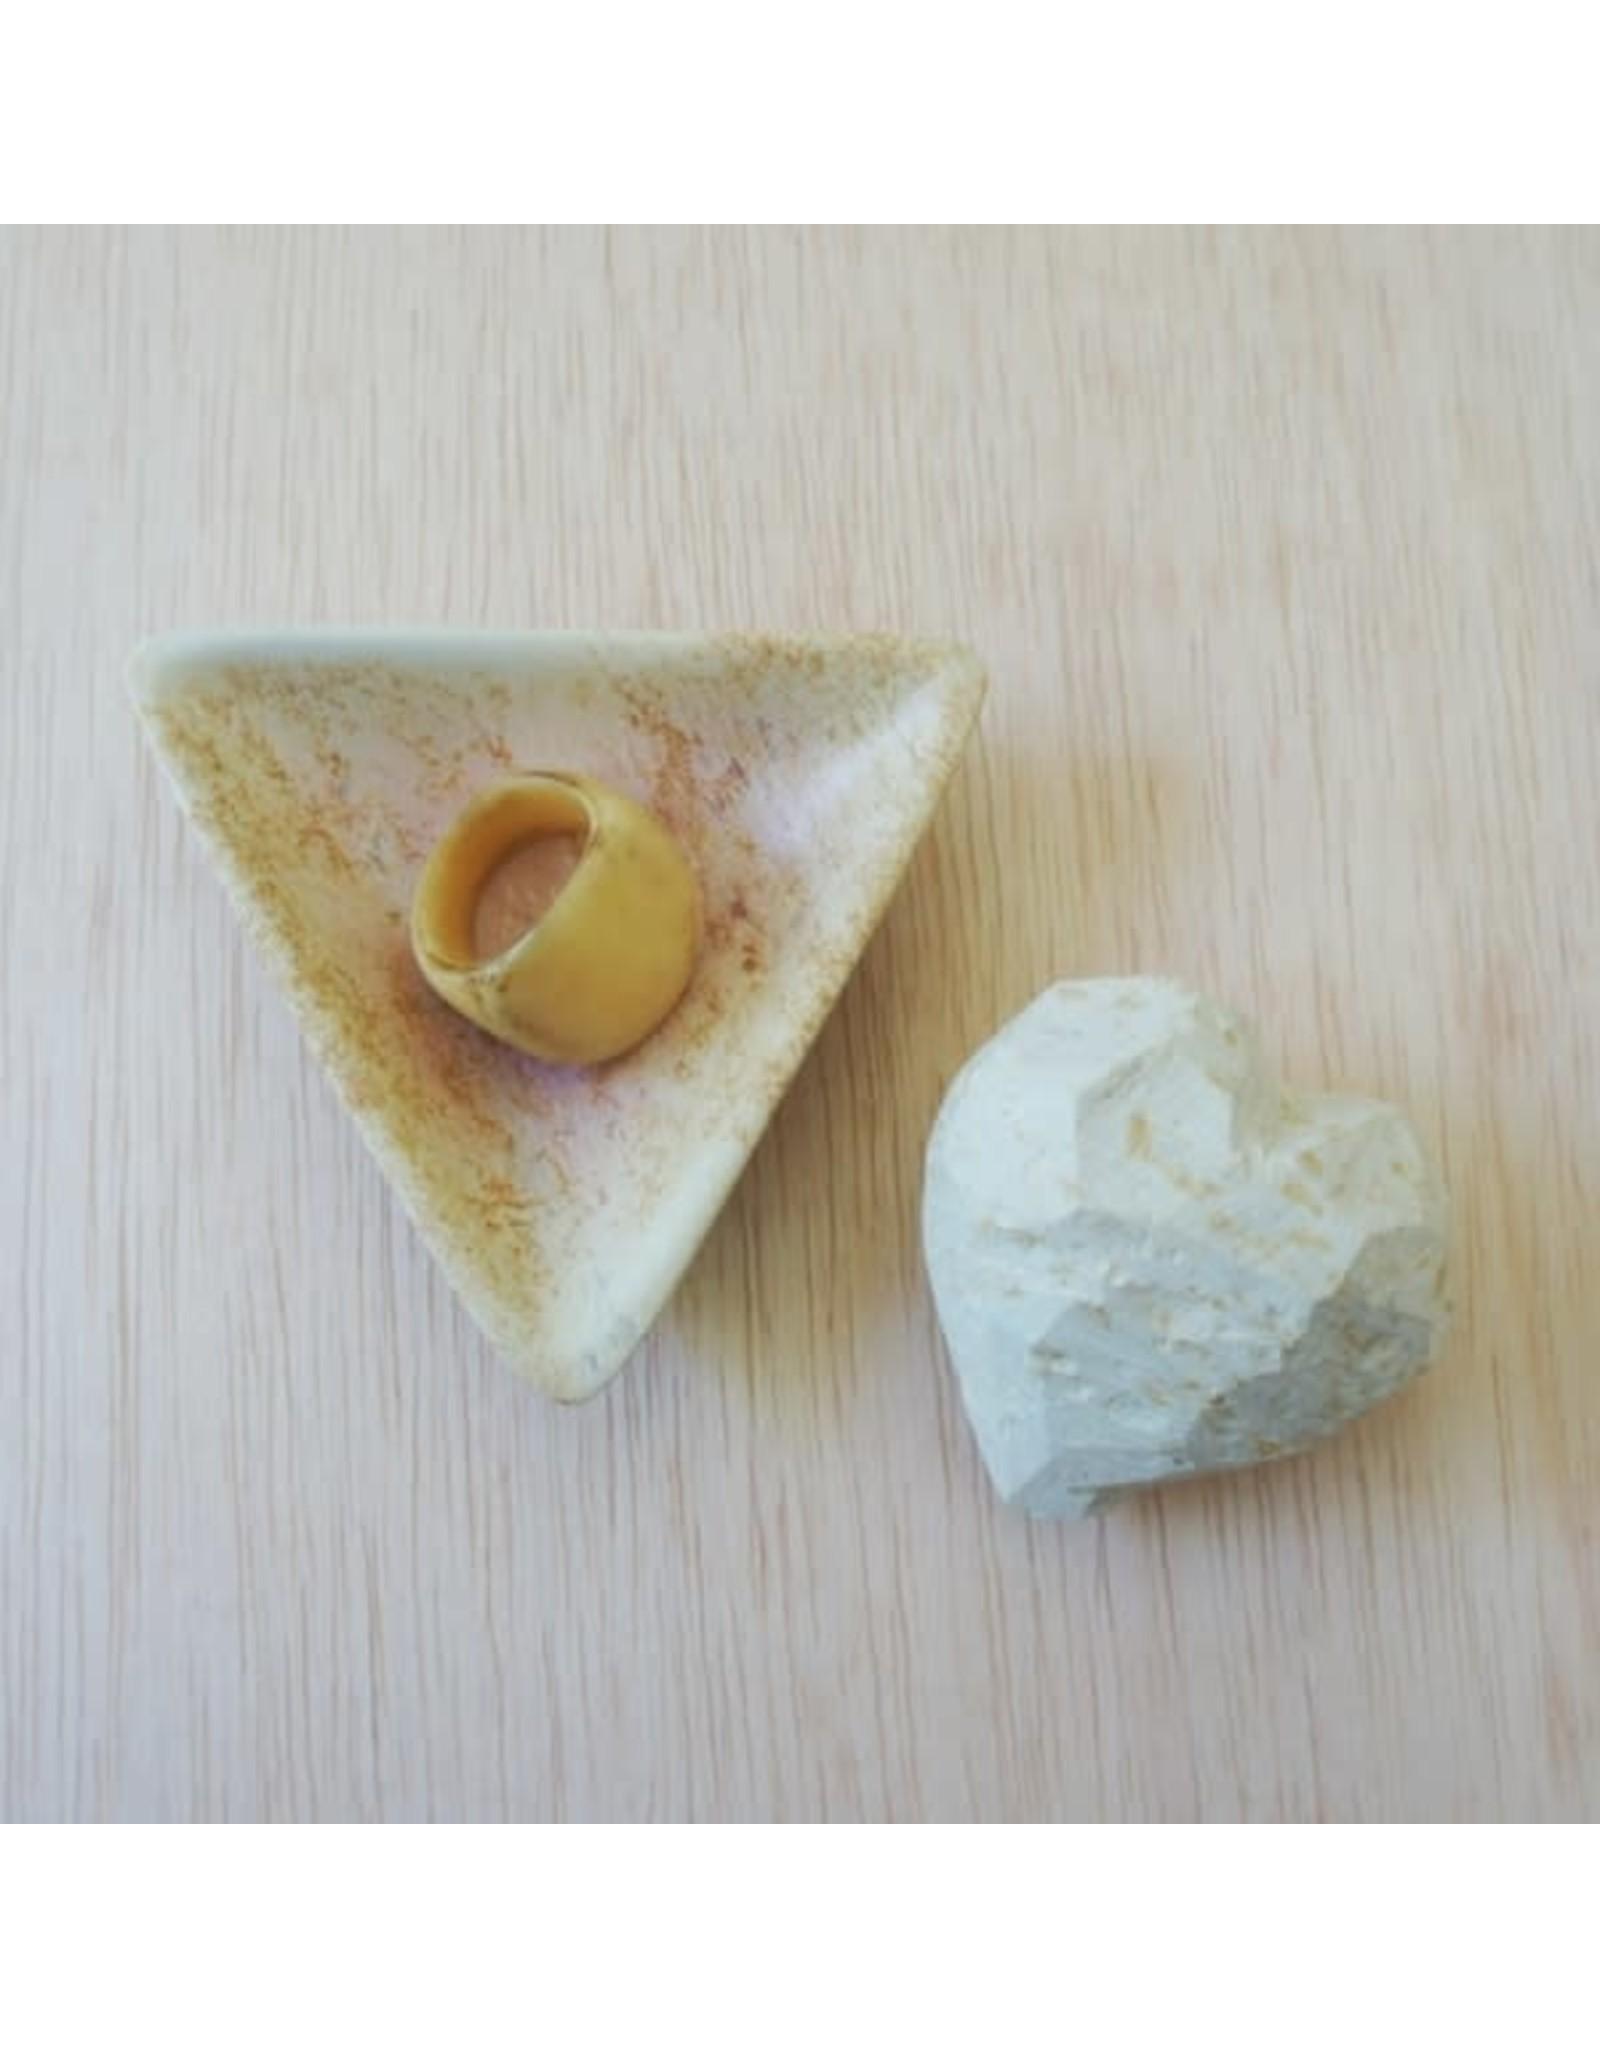 Soapstone, Small, Natural Triangle Dish